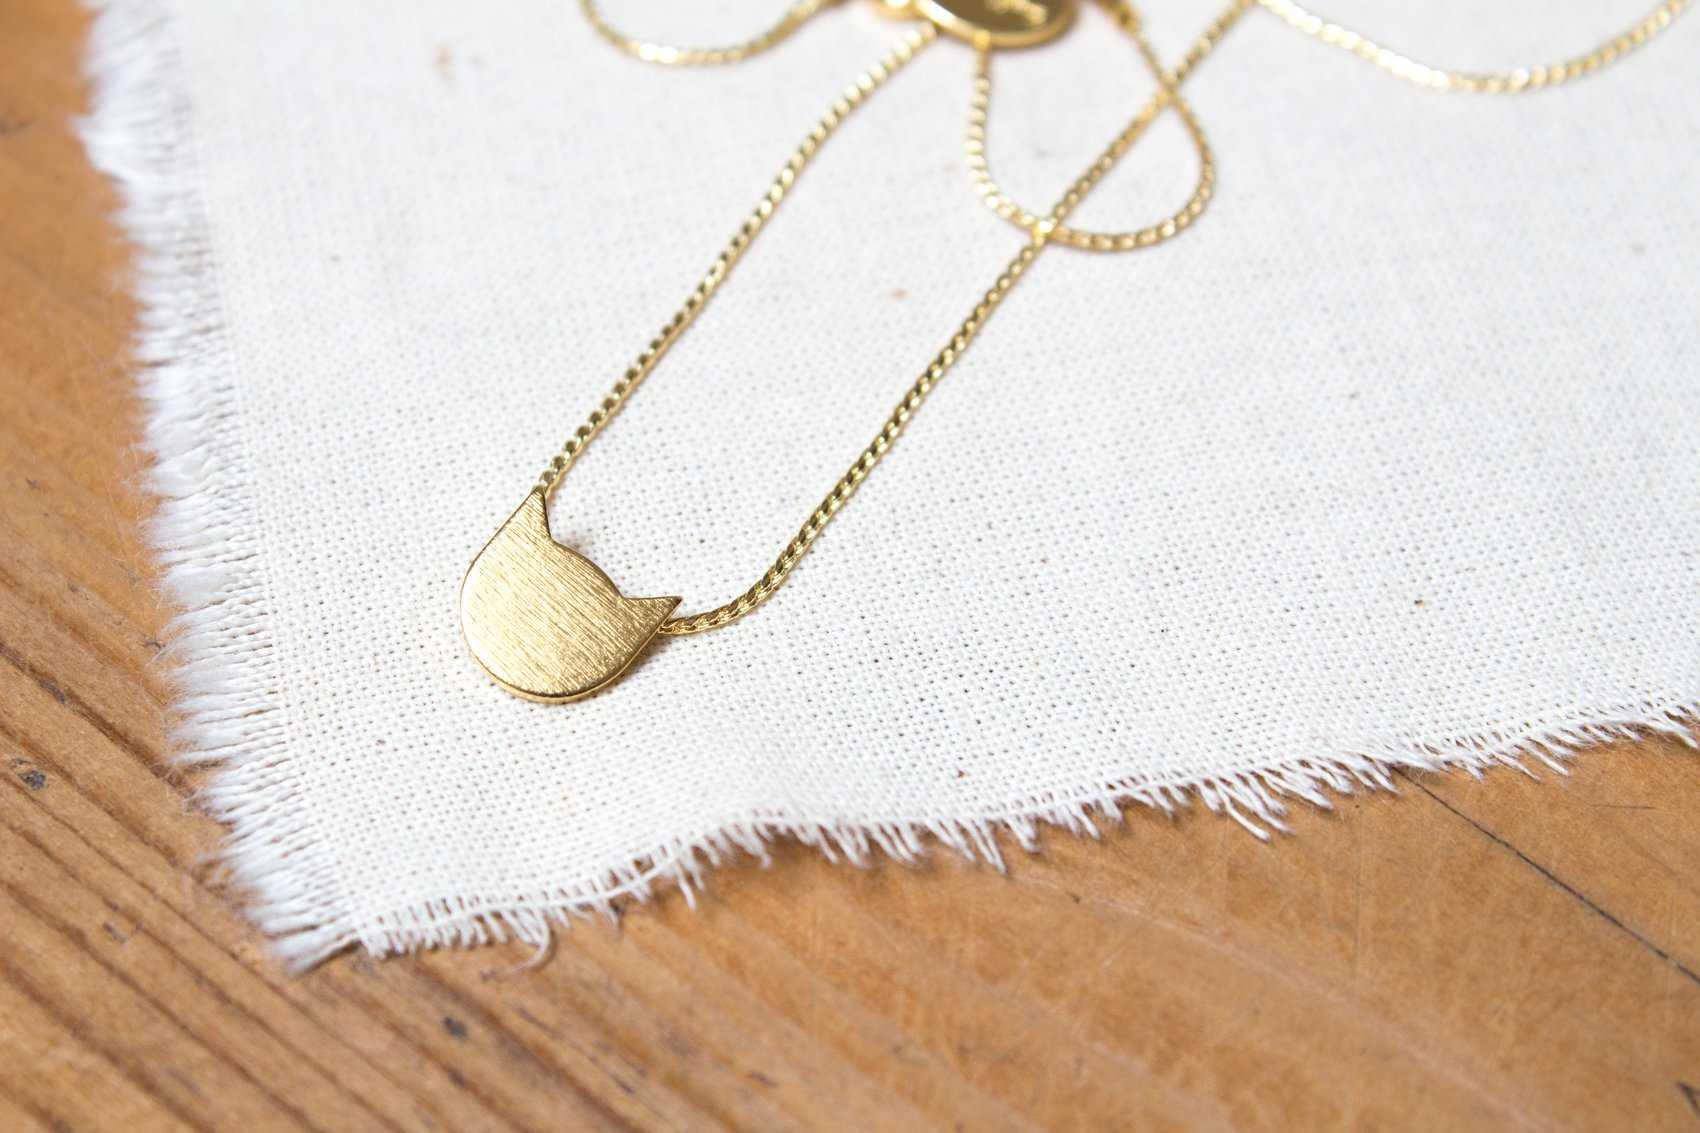 Miau Colgantes/Necklaces